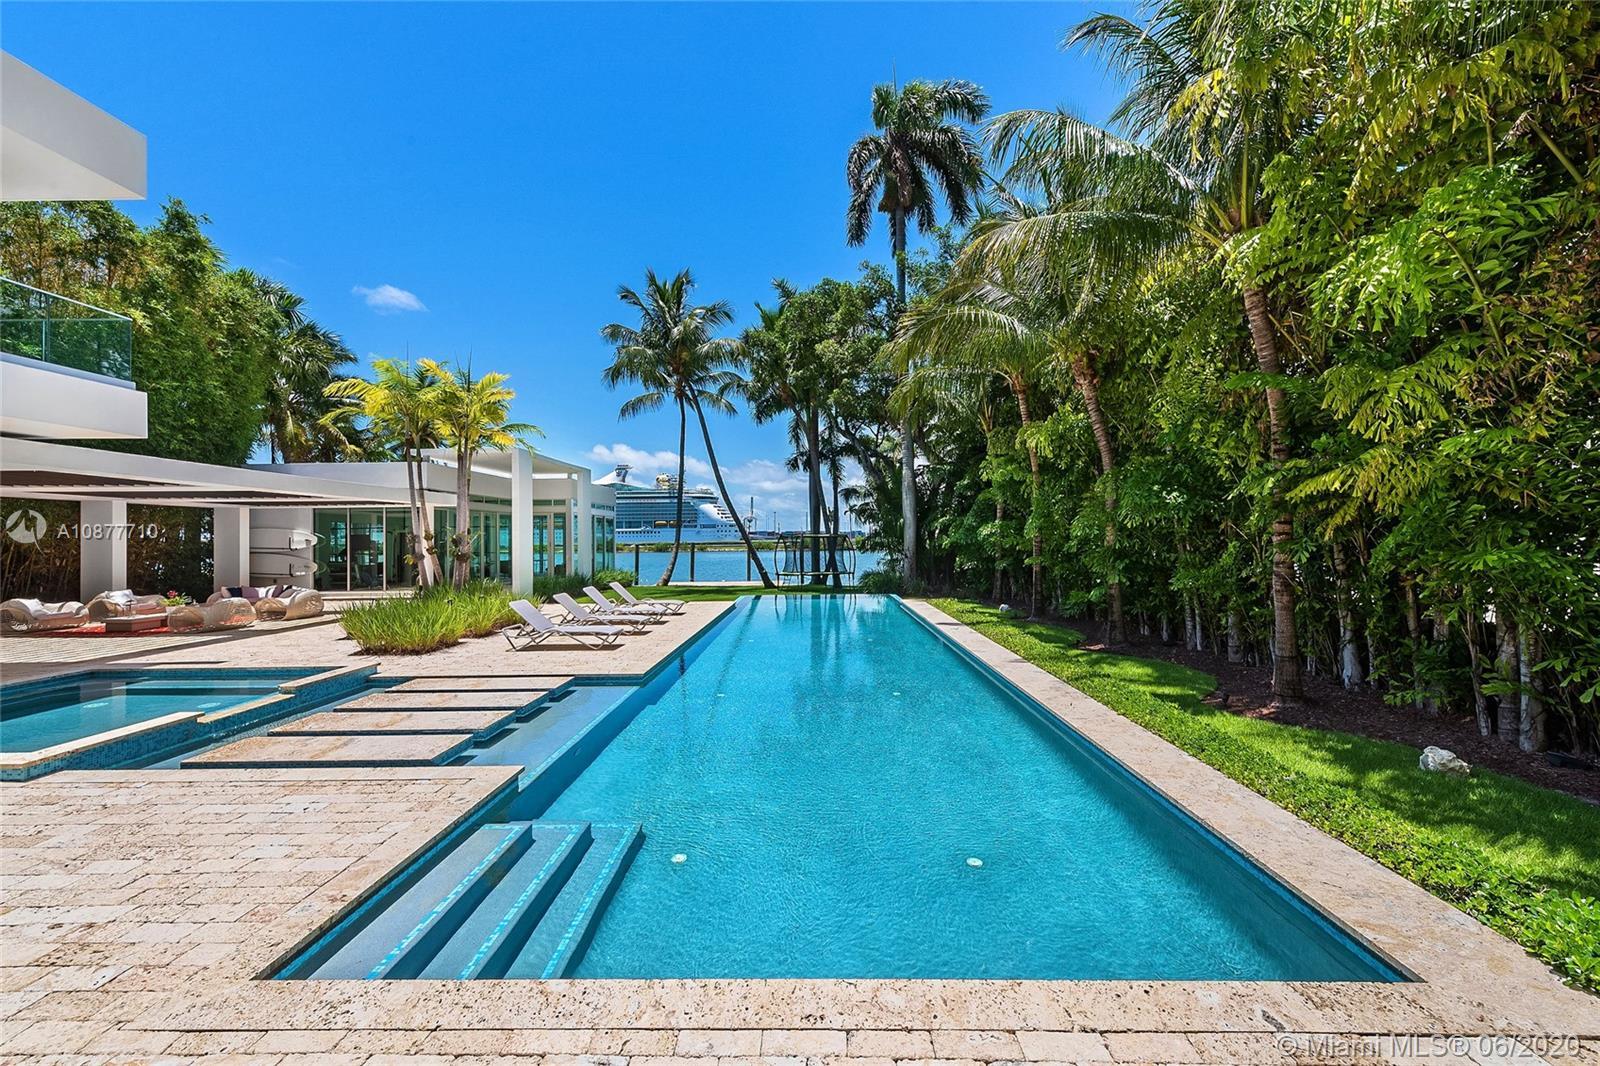 30 Palm ave- miami-beach-fl-33139-a10877710-Pic67